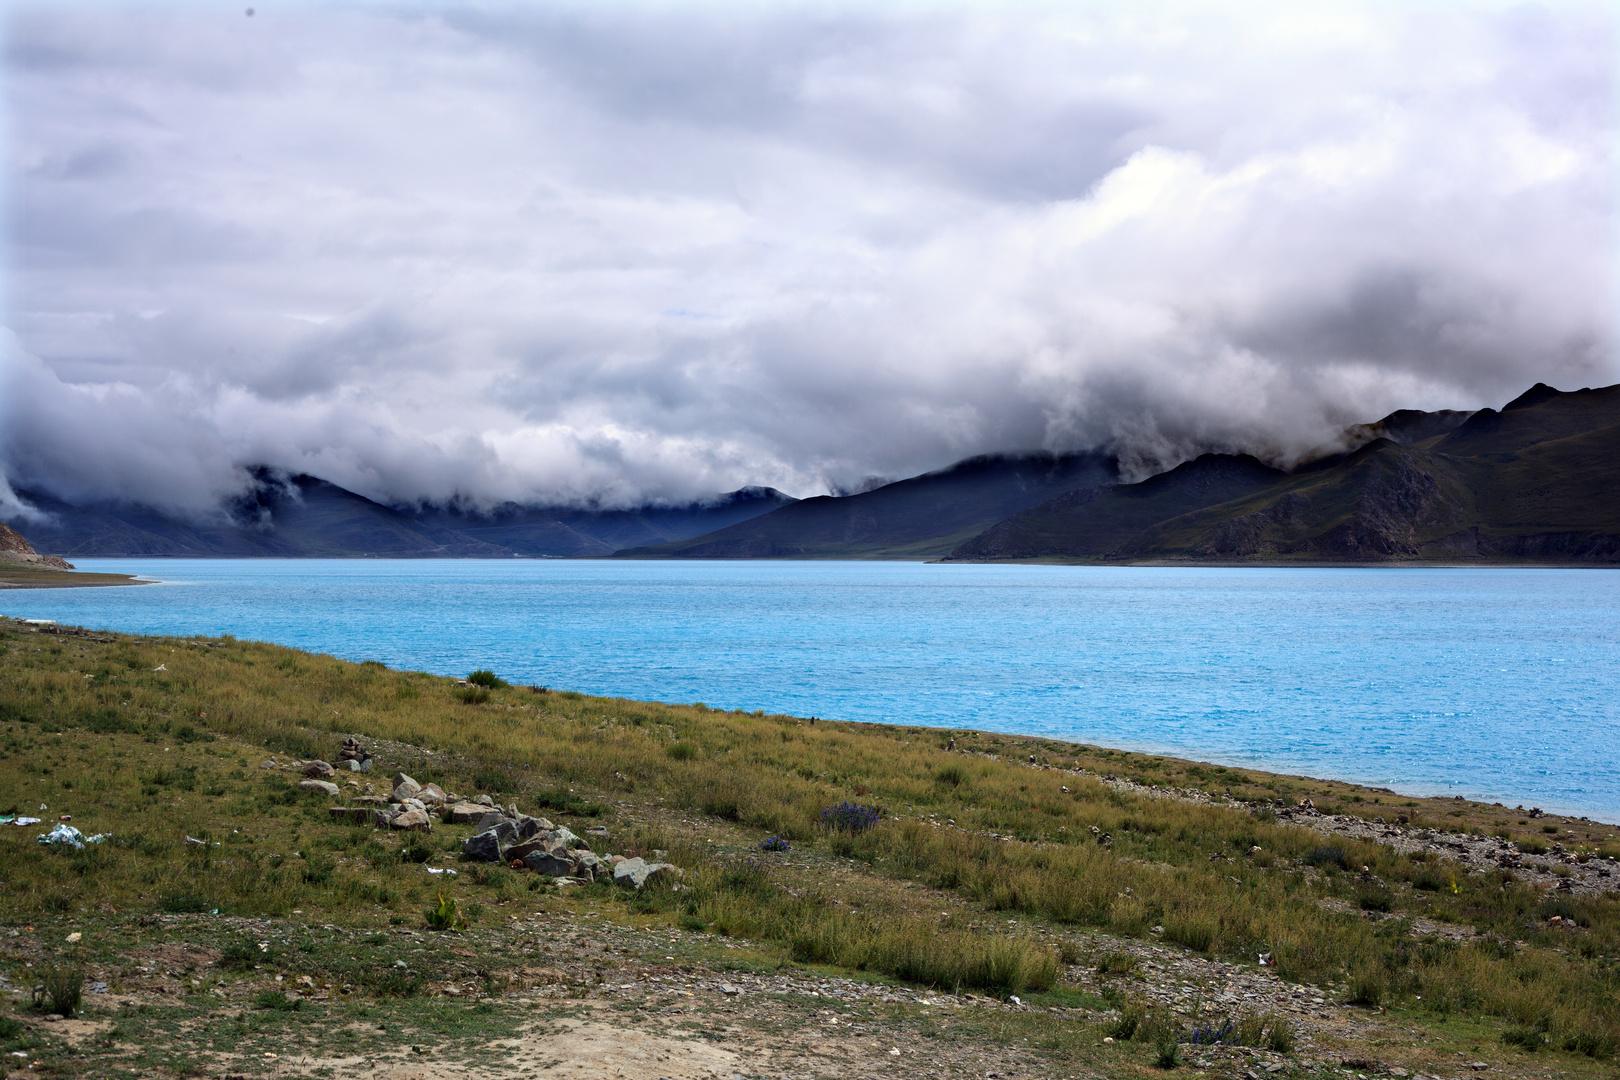 Yamzhog Yumco westlich von Lhasa